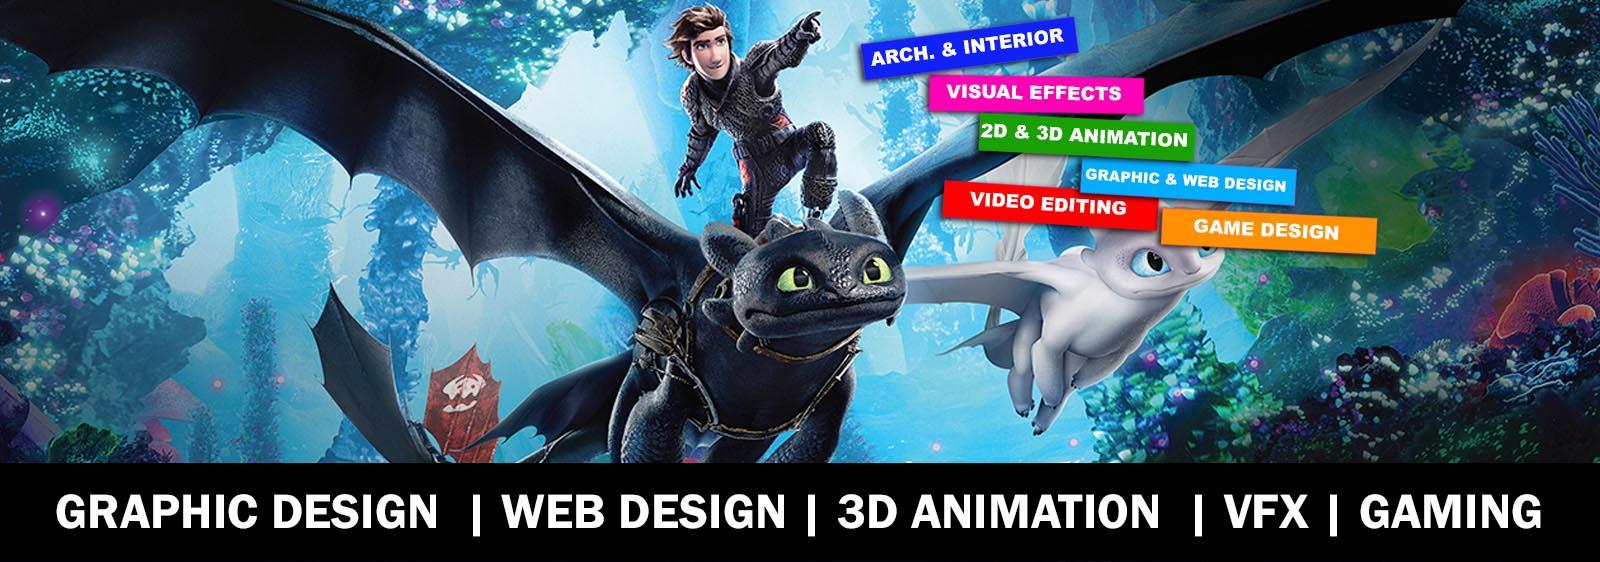 MAAC KAROLBAGH | Best Animation & VFX Course in Delhi | Graphic